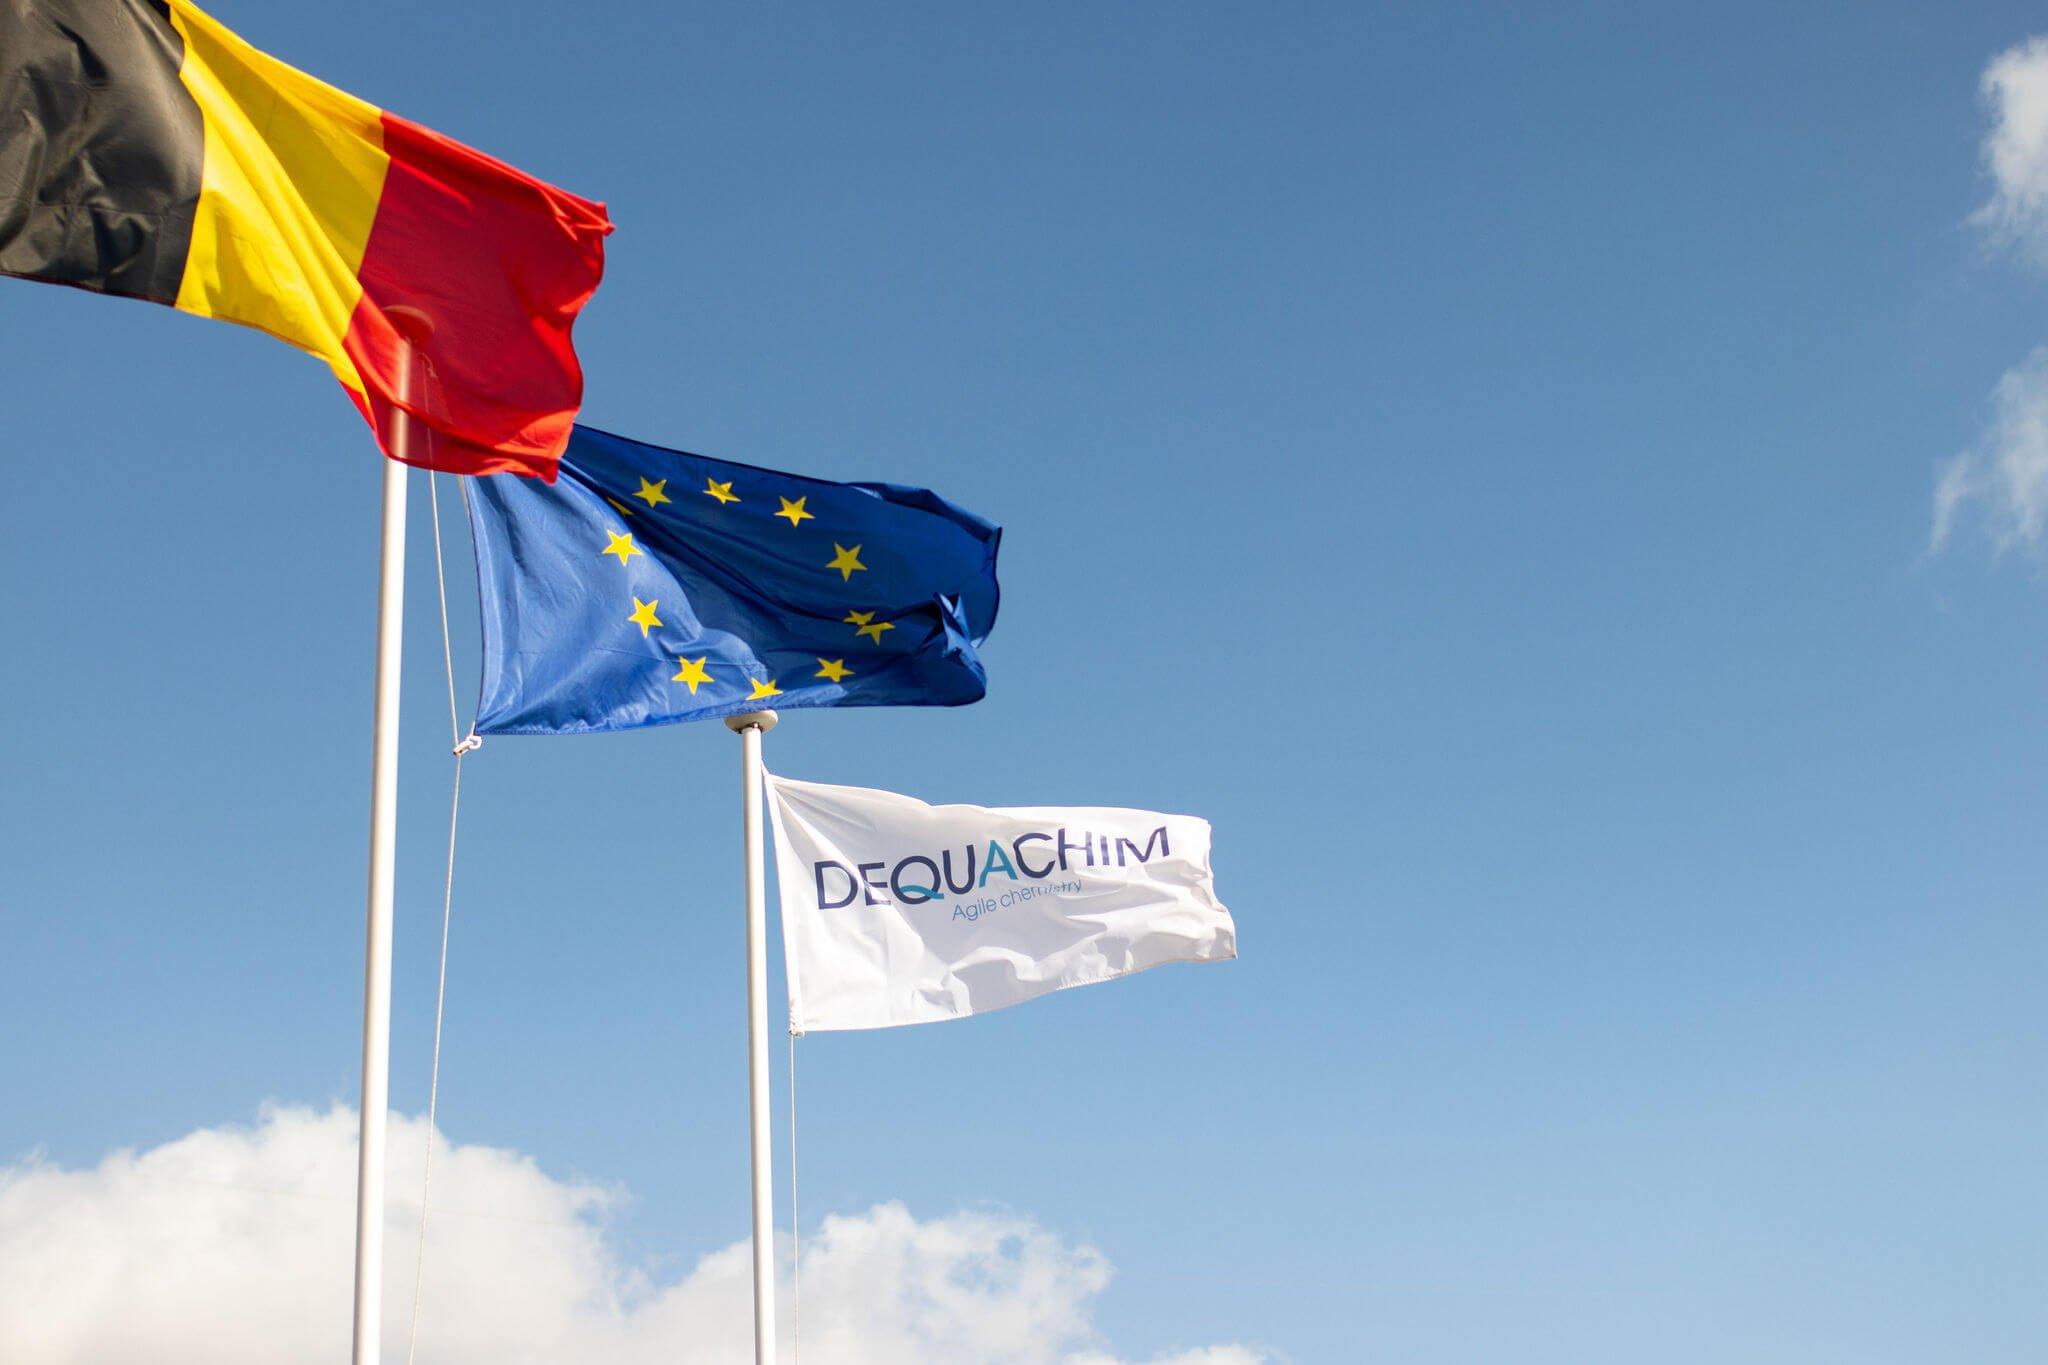 Drapeaux belge, européen et de Dequachim sur fond de ciel bleu